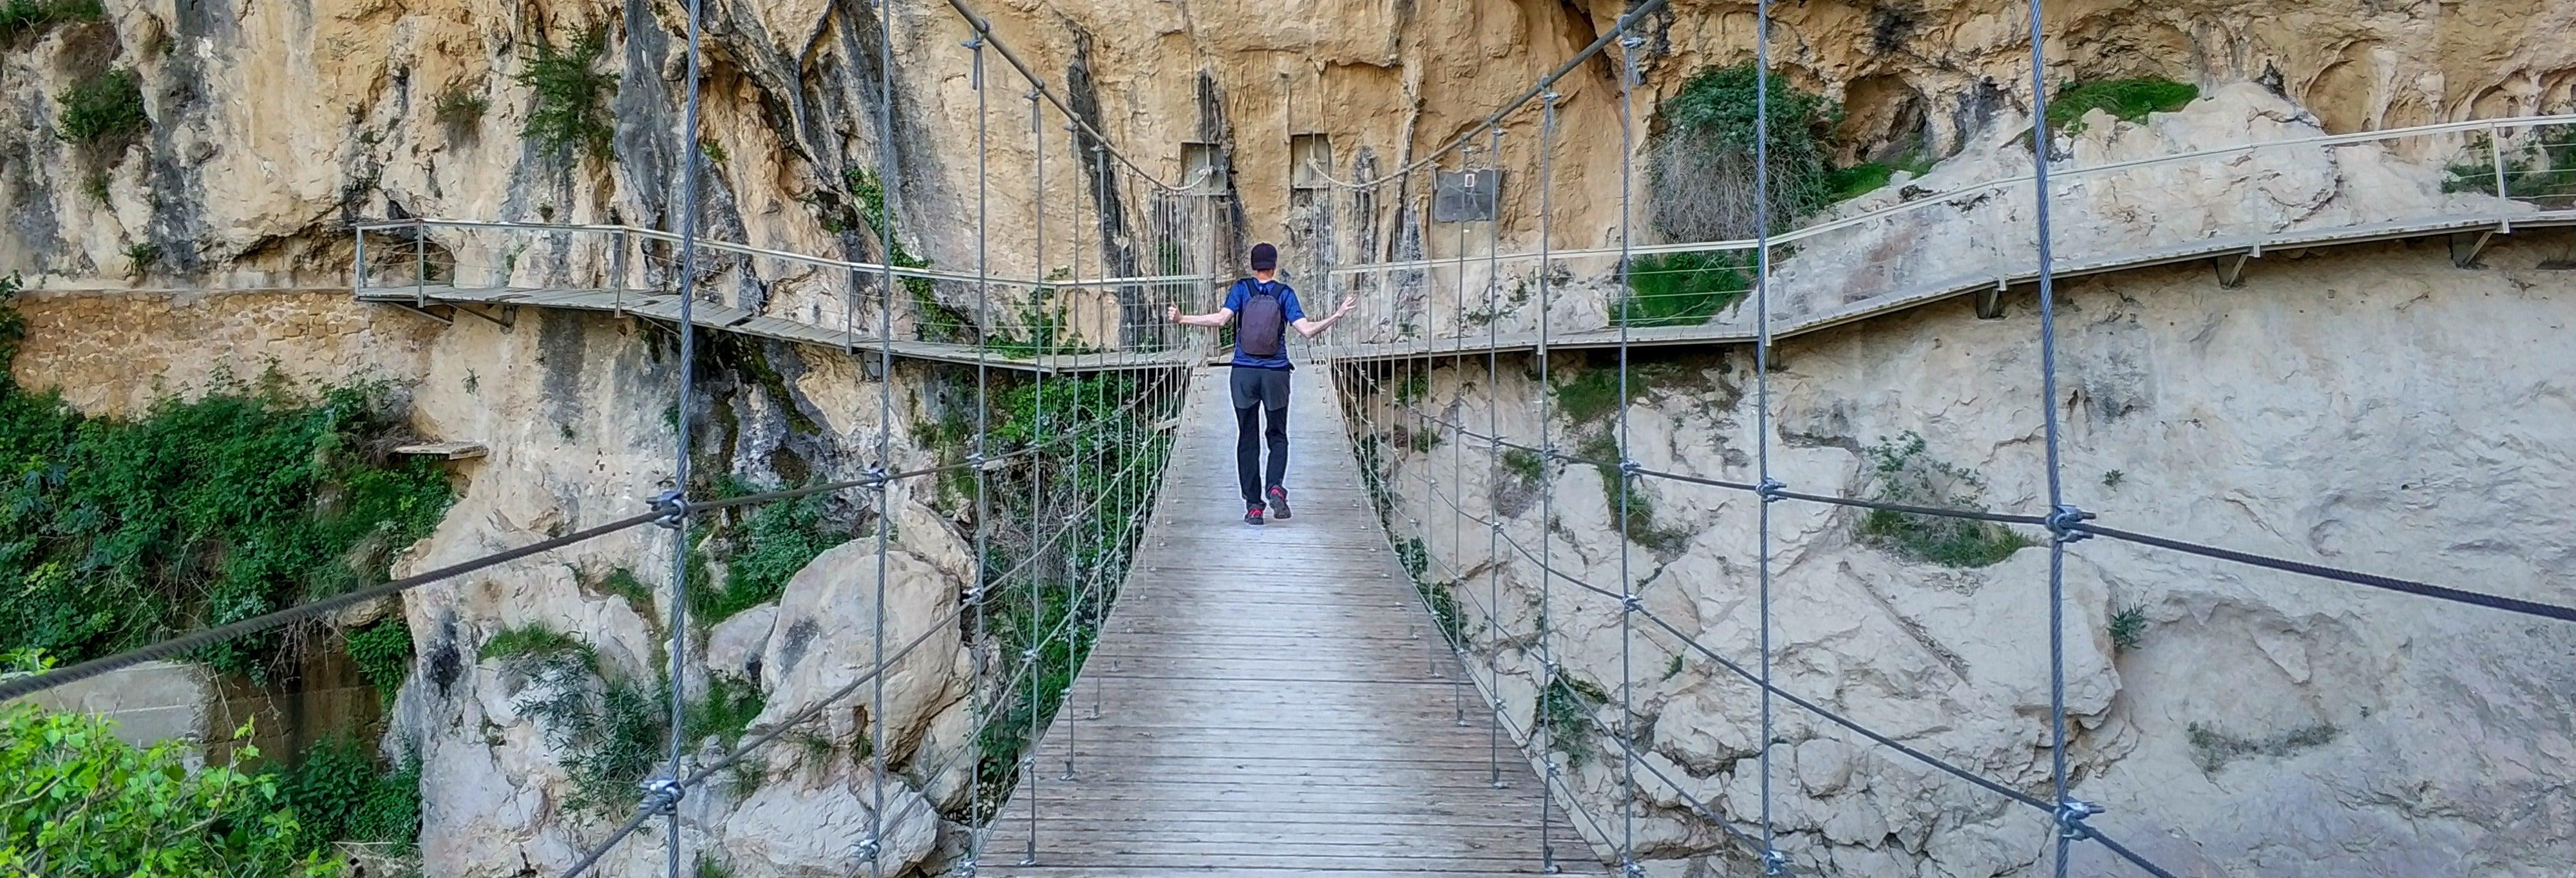 Trekking sul sentiero del Gollizno